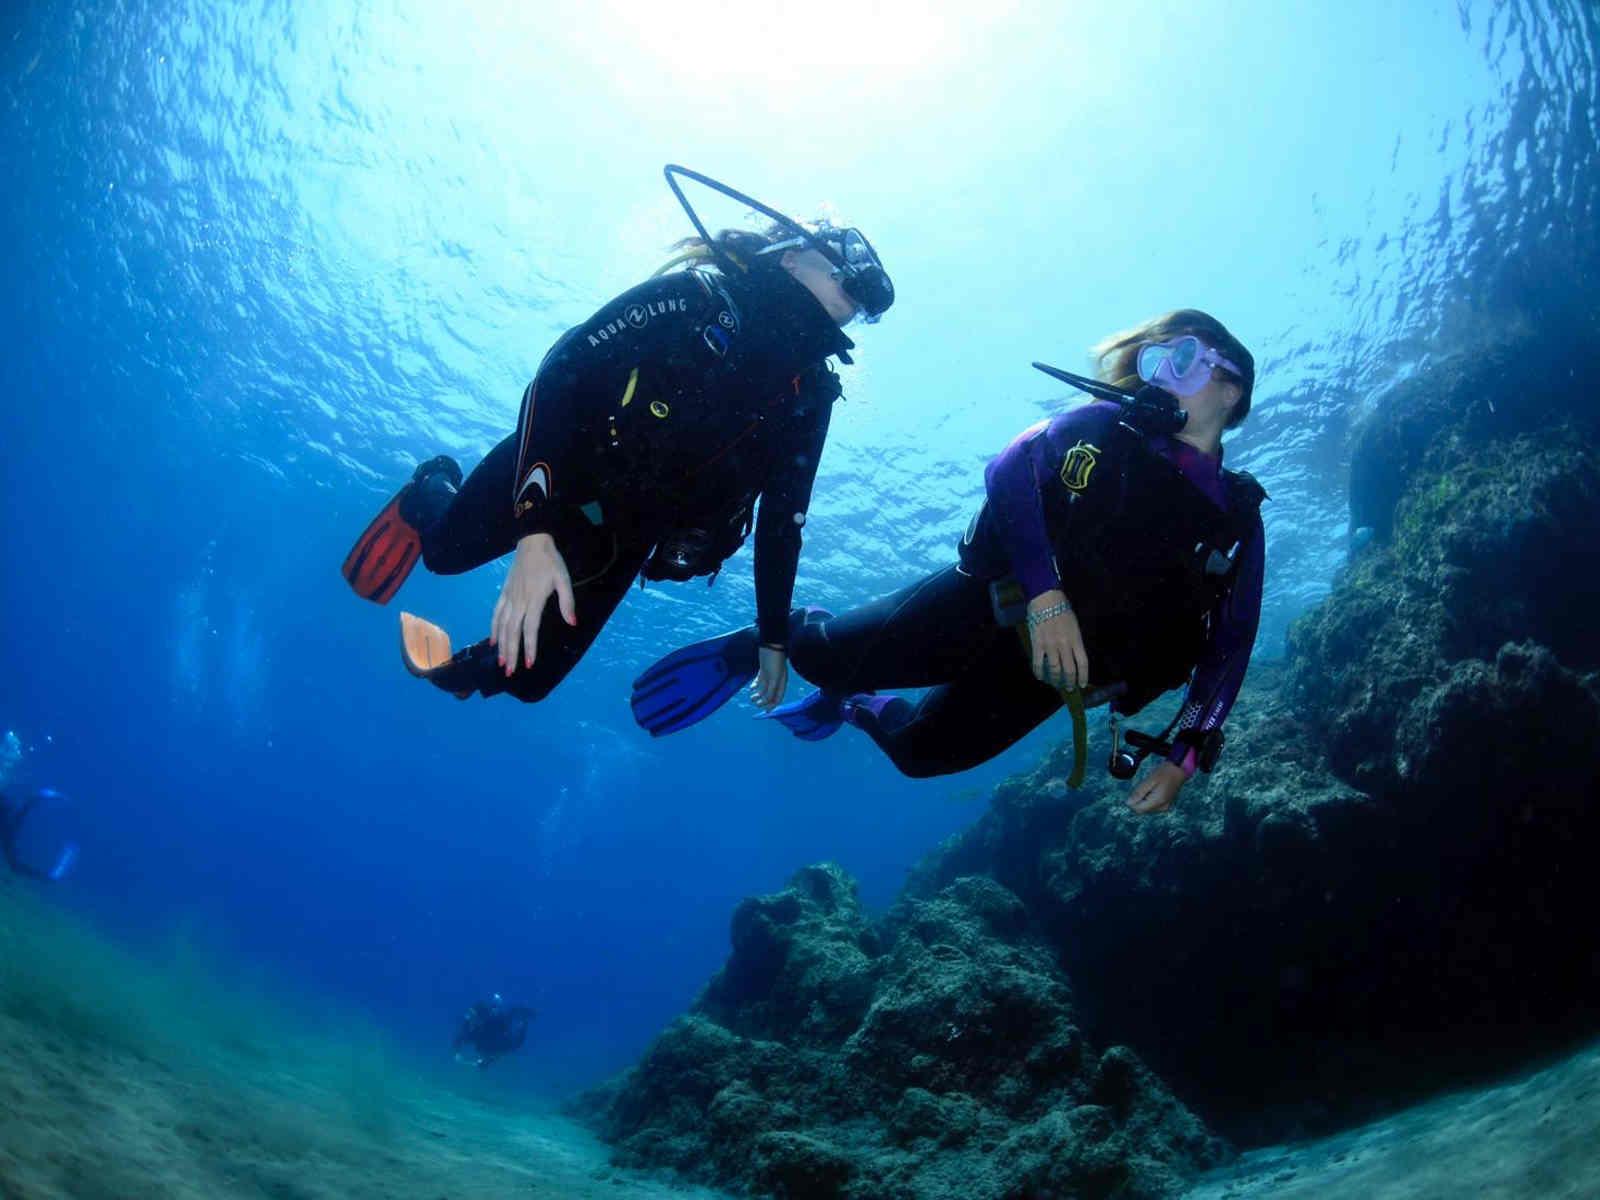 Lanzarote try scuba diving experience in Puerto Del Carmen